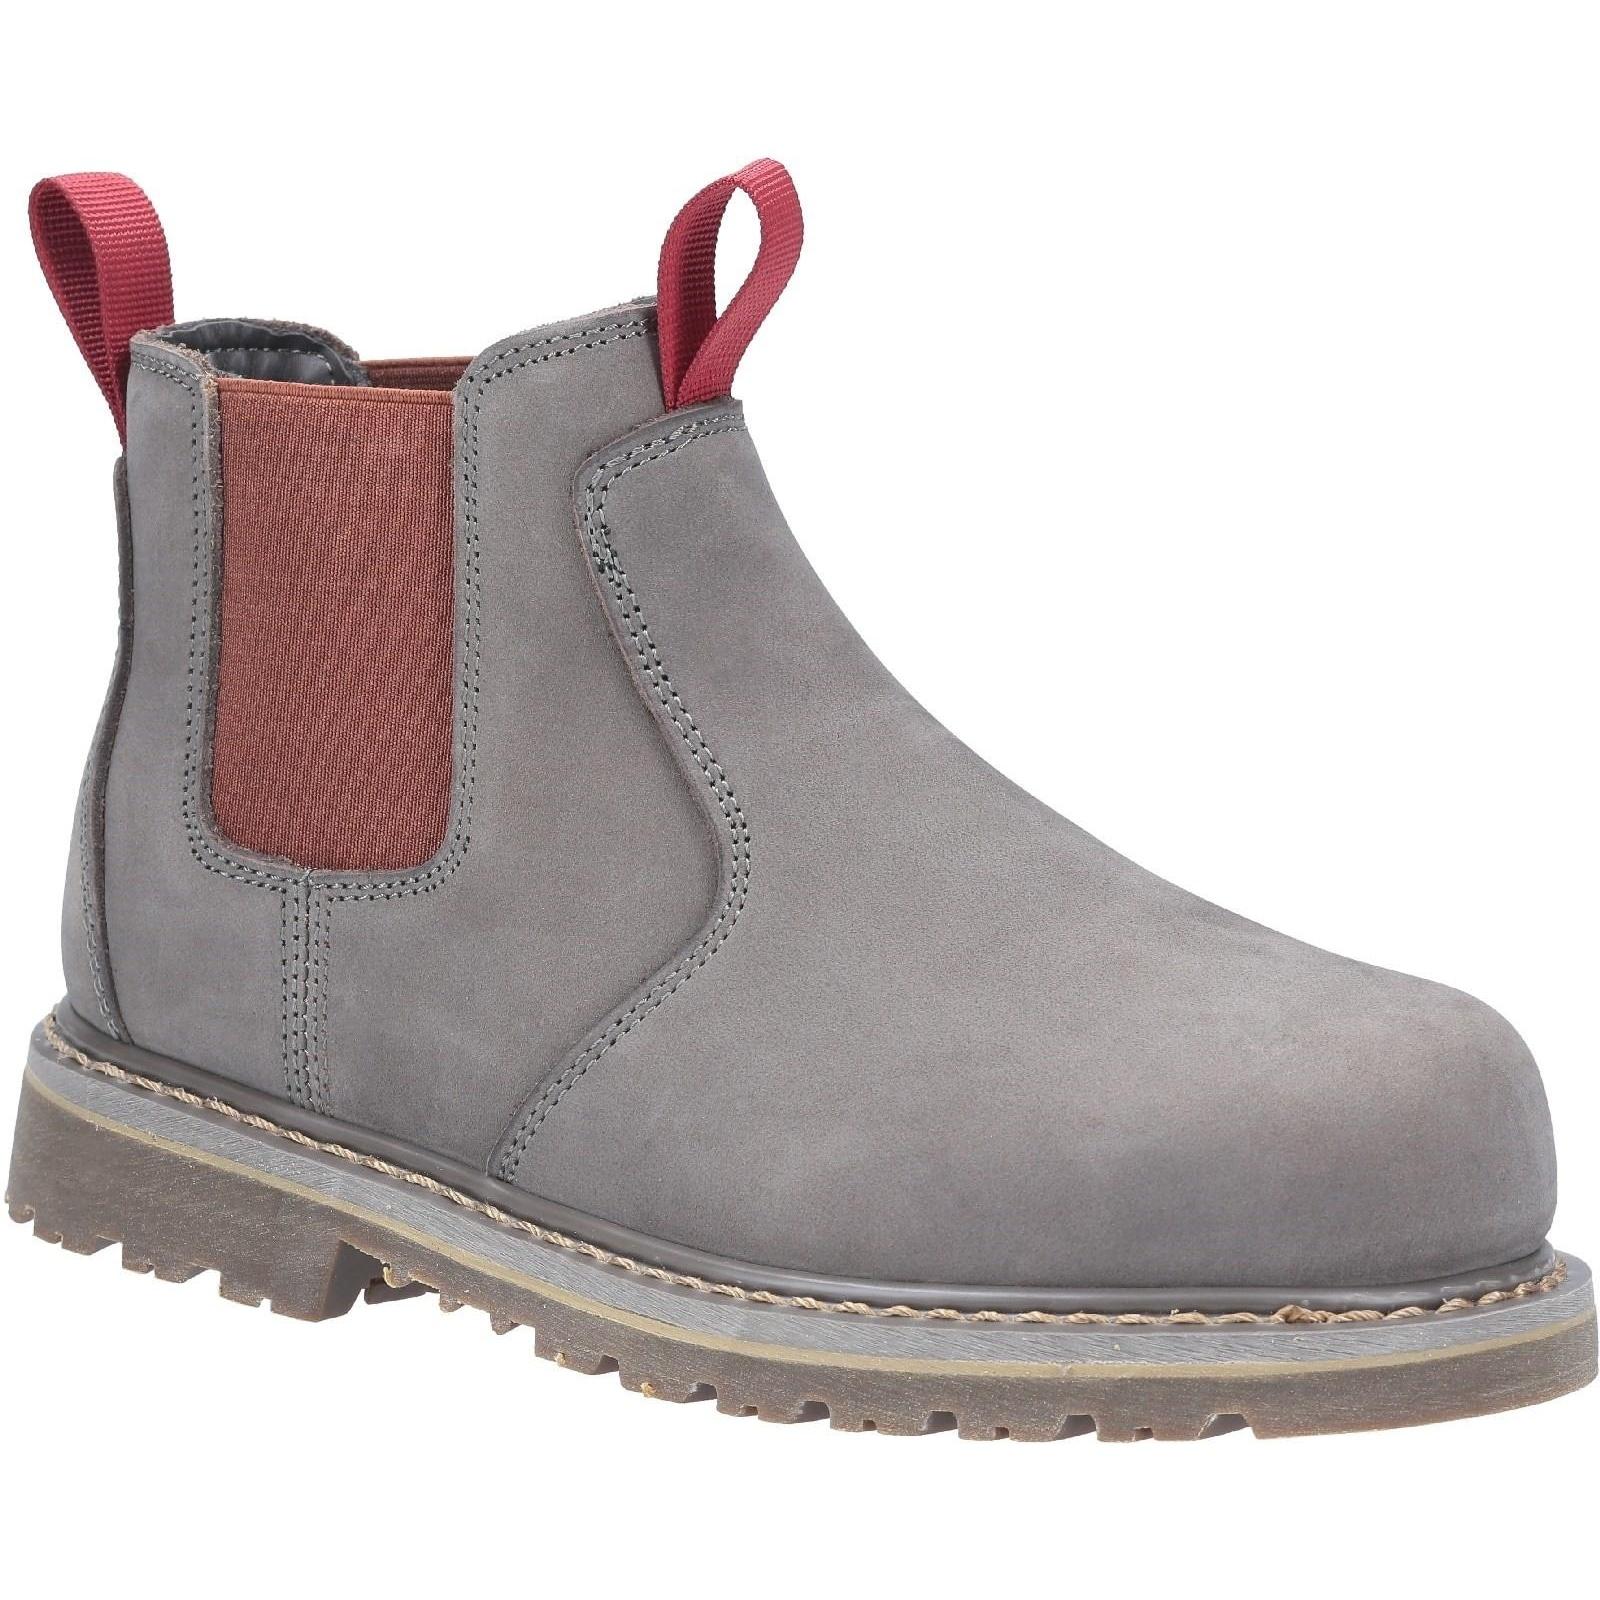 Image of Amblers Safety Arbeitsschuh »Damen AS106 Sarah Slip On Leder Safety Stiefel«